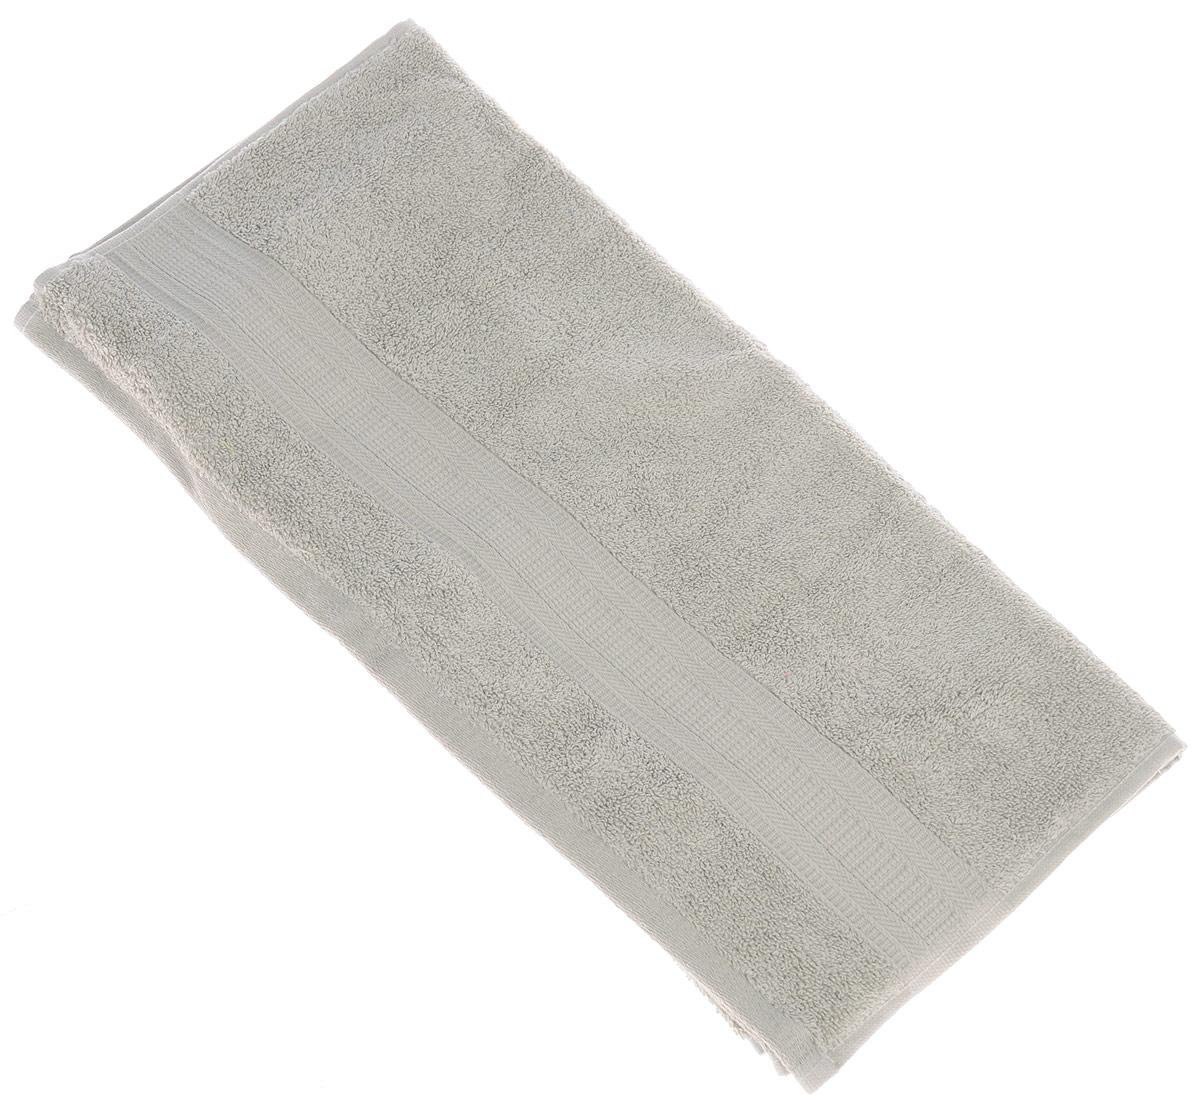 Полотенце TAC Mixandsleep, цвет: серый, 50 х 90 см1201Махровое полотенце TAC Mixandsleep выполнено из приятного на ощупь натурального хлопка и декорировано изящным орнаментом. Полотенце прекрасно впитывает влагу и легко стирается. Полотенце TAC Mixandsleep создаст атмосферу уюта и комфорта в вашем доме. Хлопок - это волшебный цветок, хранящий в своем сердце тепло и нежность. Человек начал использовать волокна этих растений еще в глубокой древности. Этот натуральный материал обладает такими свойствами как гигроскопичность и гипоаллергенность.